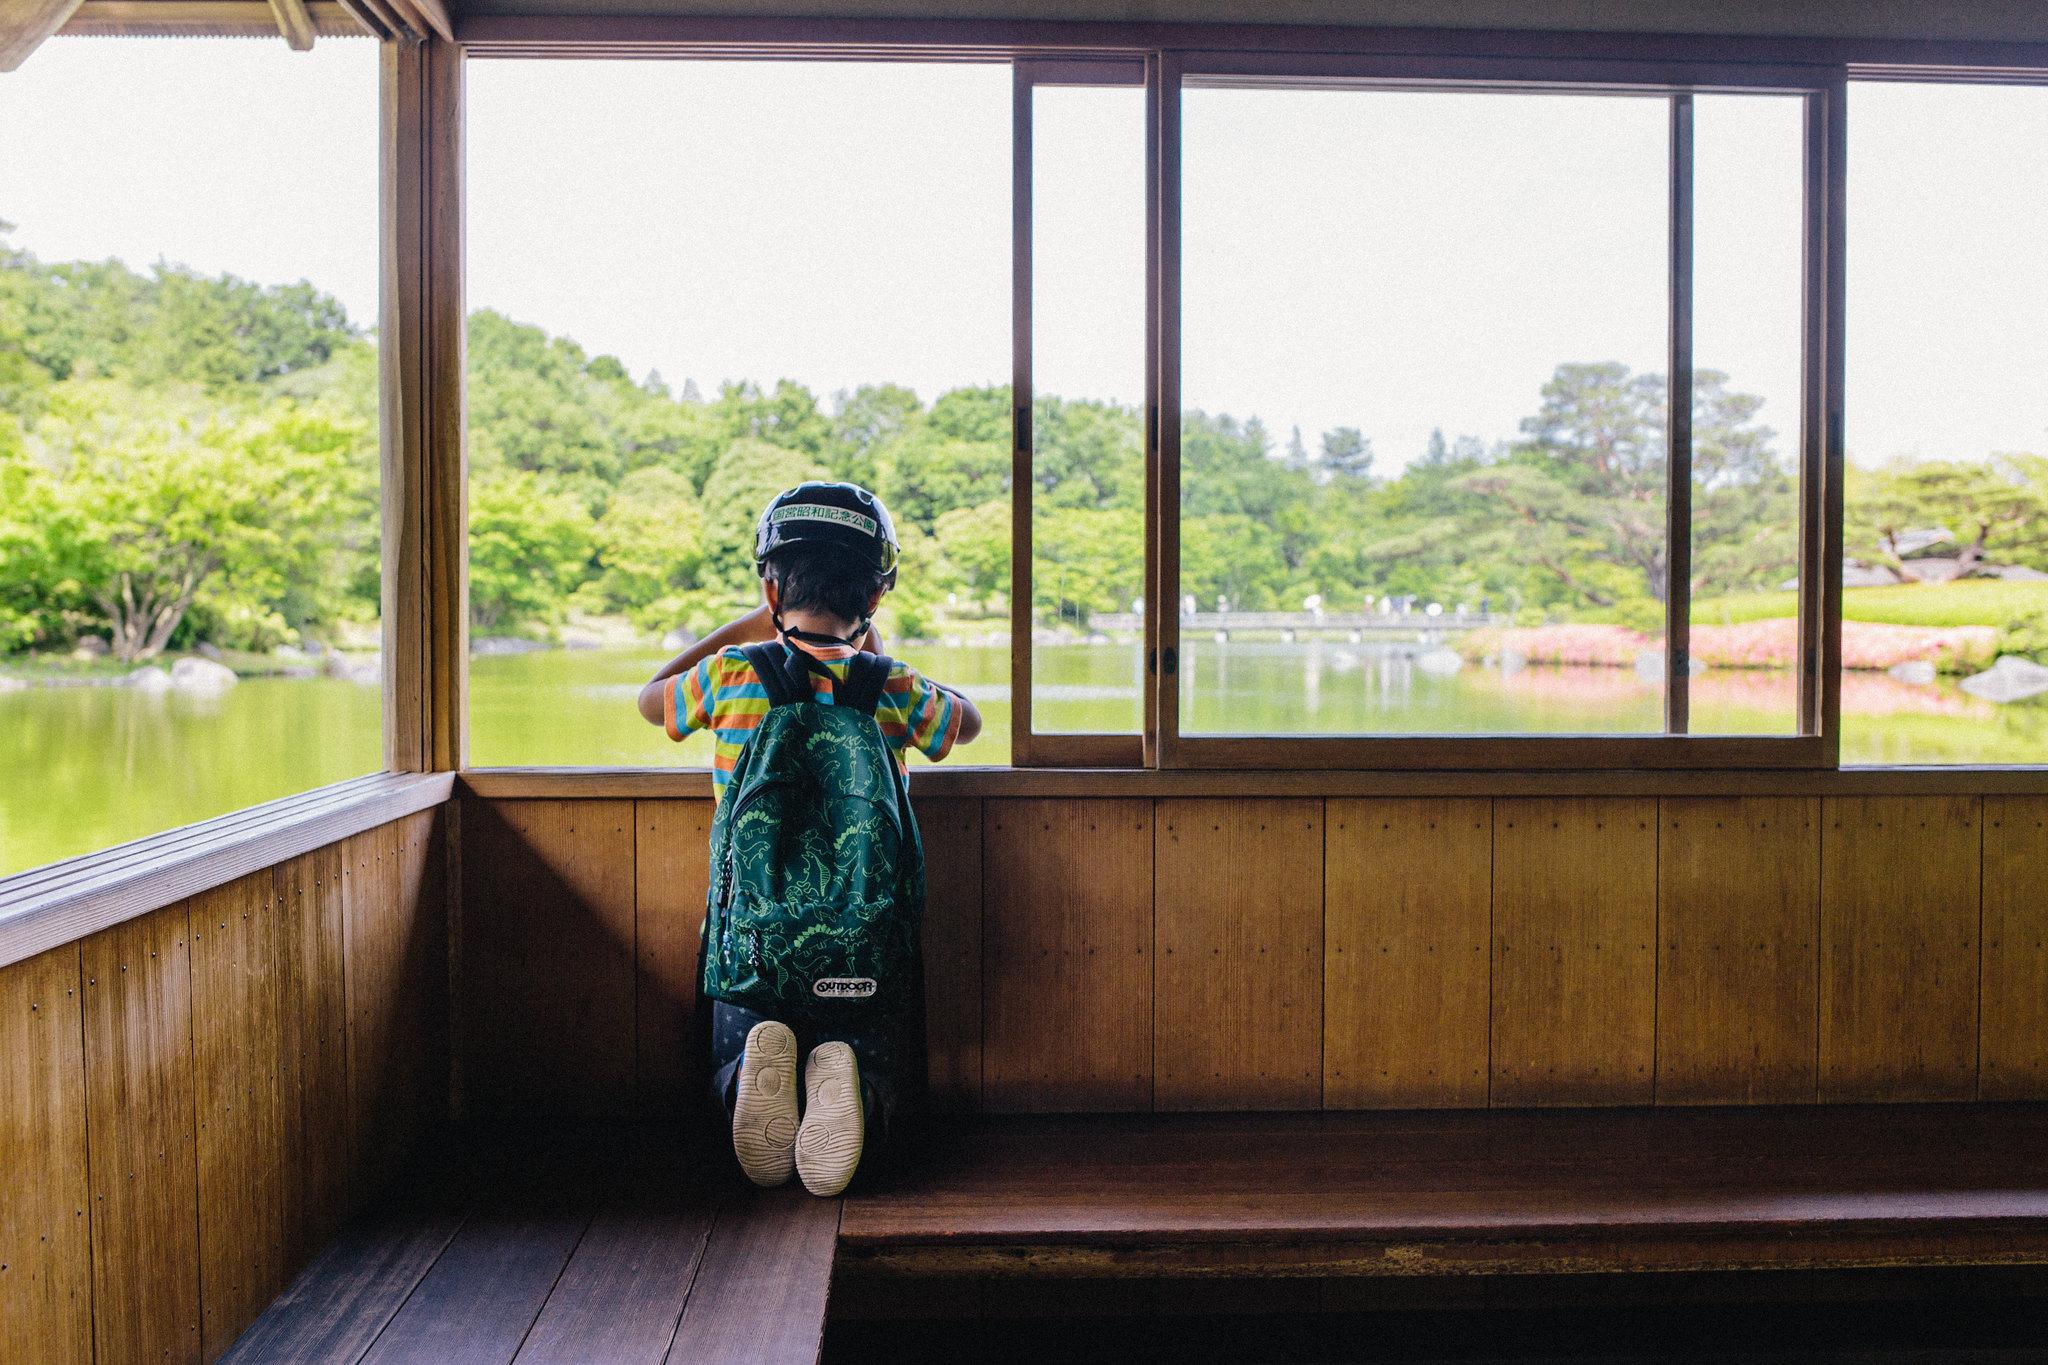 2016-05-31 昭和記念公園 001-2